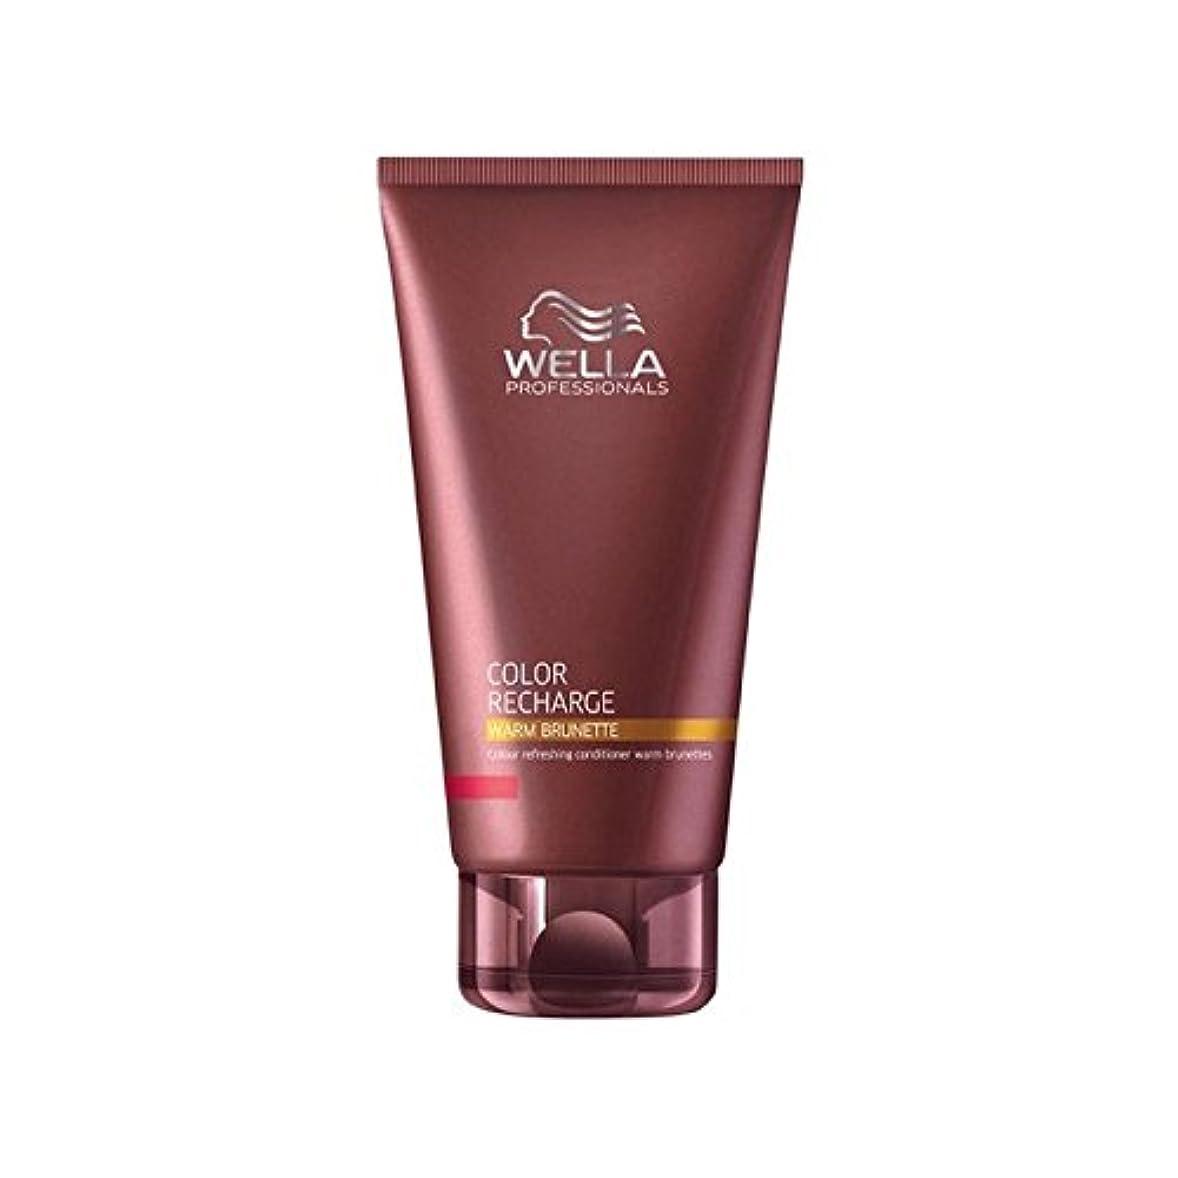 ファントム戻すあらゆる種類のウエラ専門家のカラー再充電コンディショナー暖かいブルネット(200ミリリットル) x2 - Wella Professionals Color Recharge Conditioner Warm Brunette (200ml...